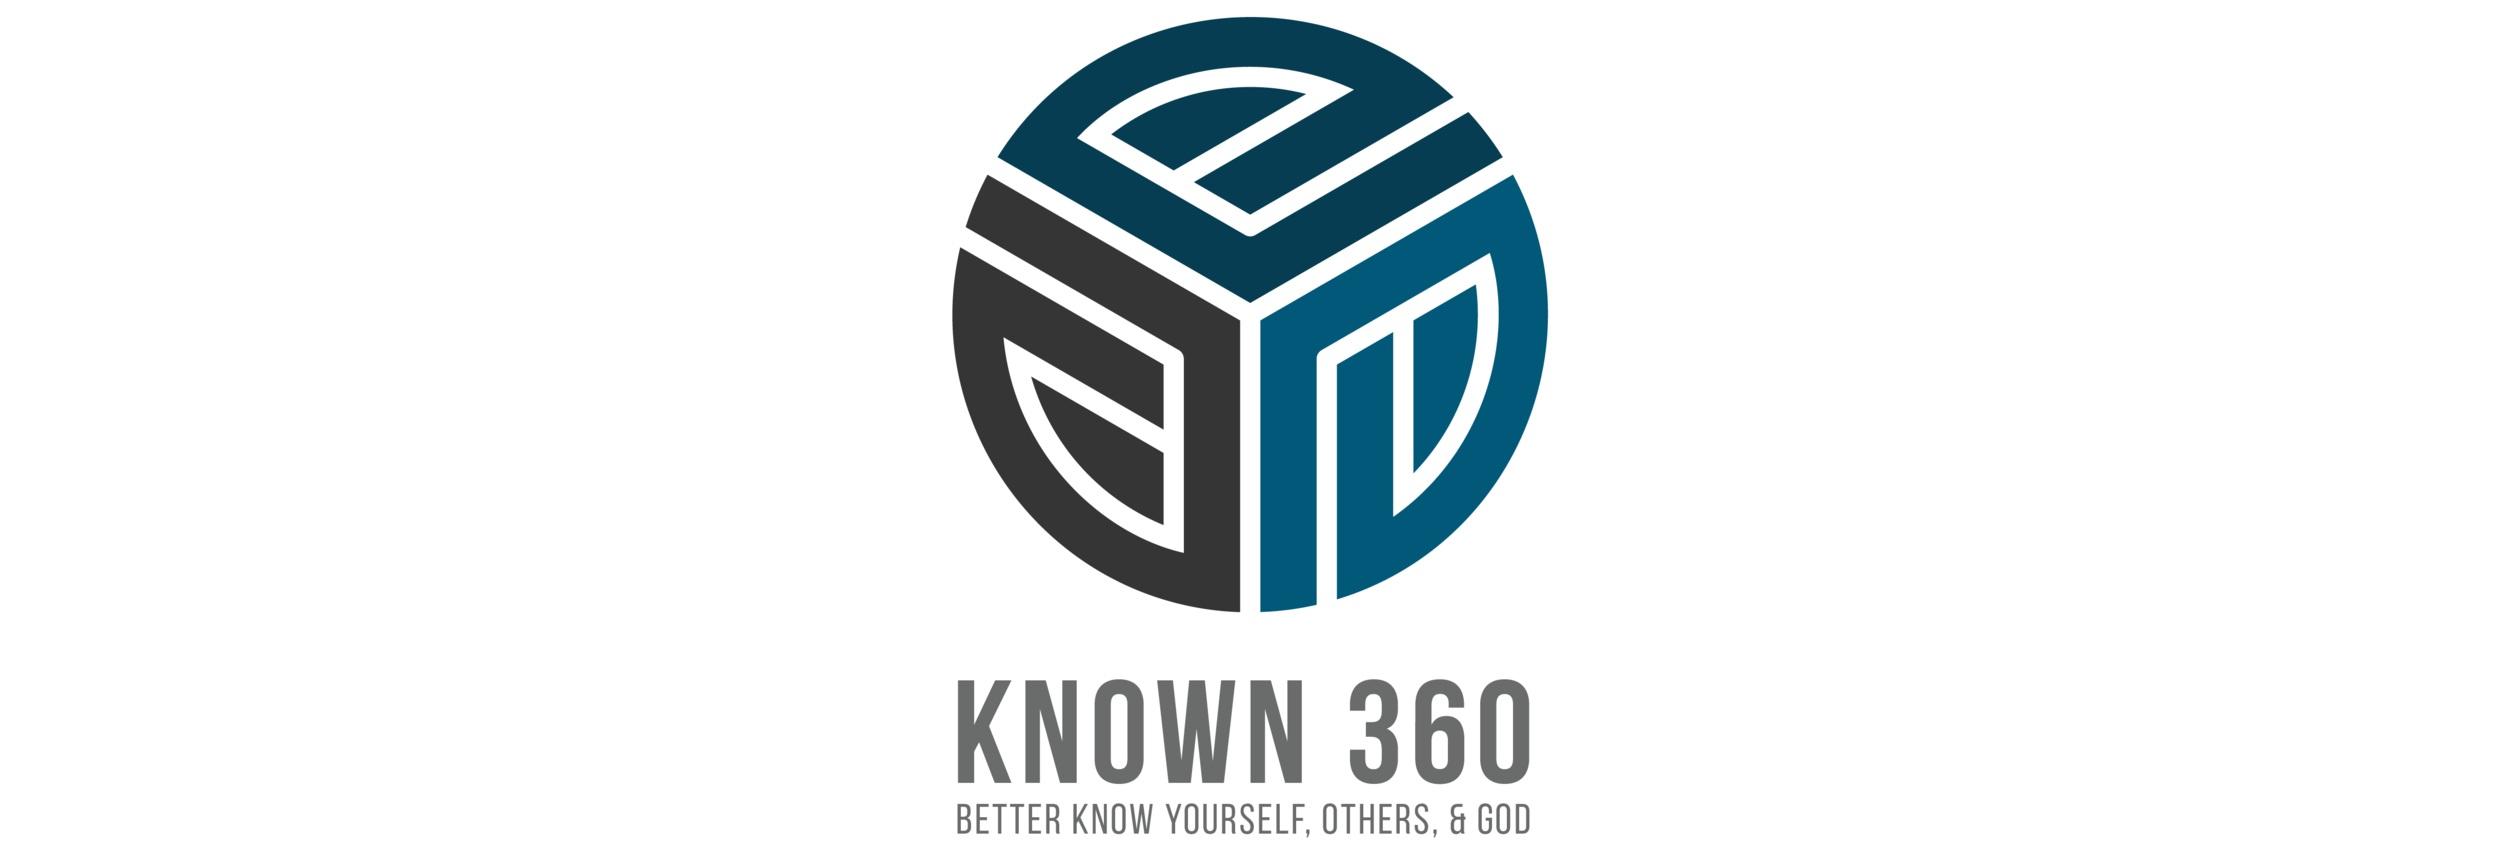 KNOWN360-01.jpg